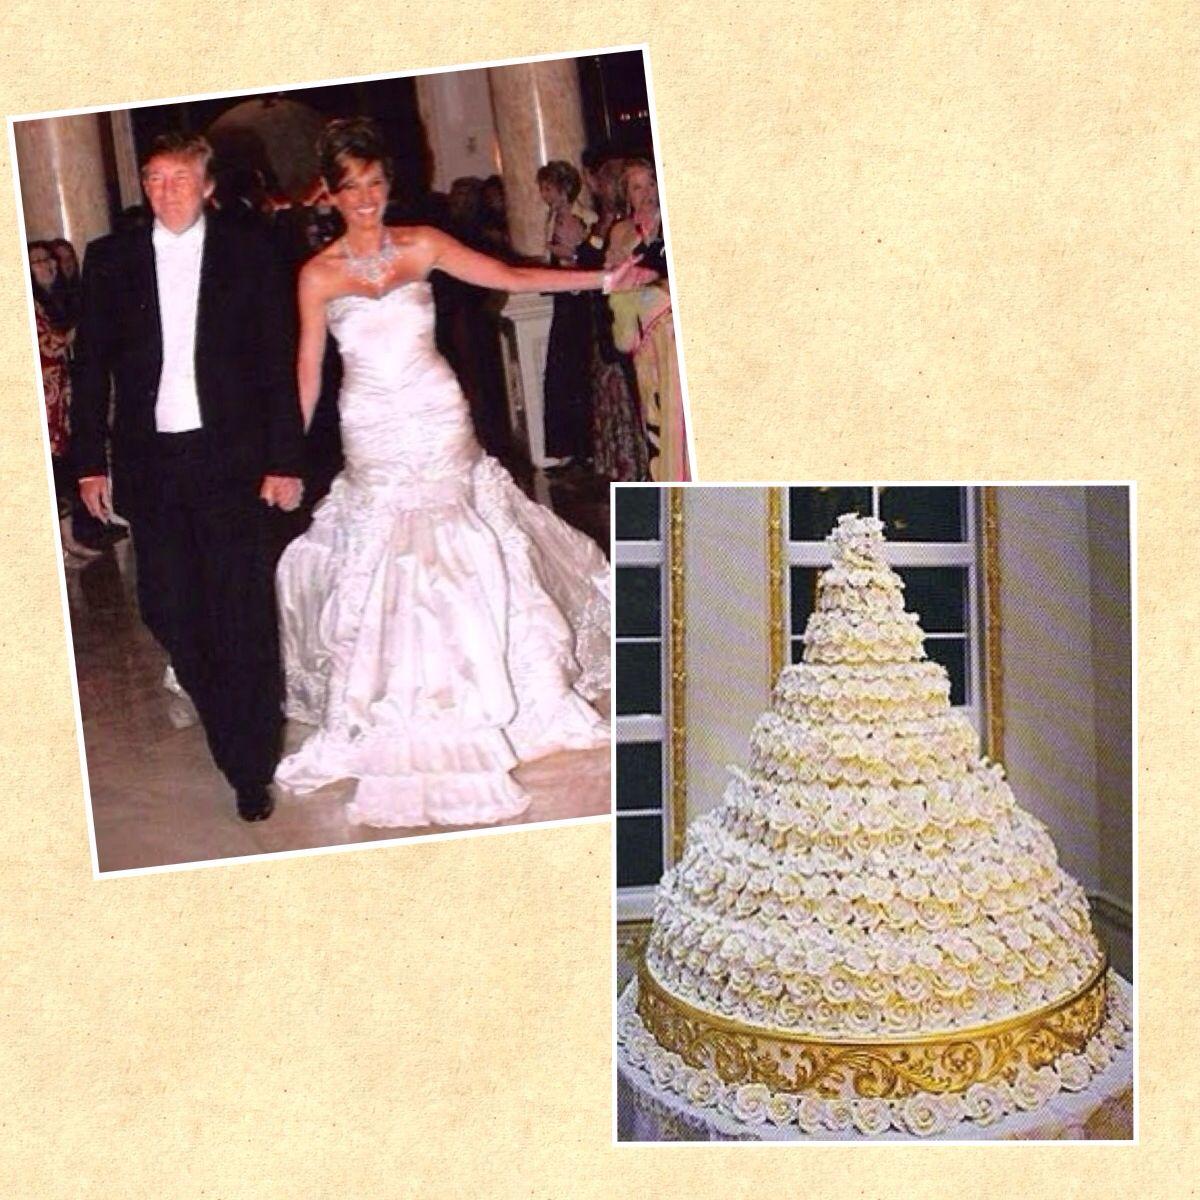 Donald Trump And Melania Wedding: Donald Trump & Melania Knauss